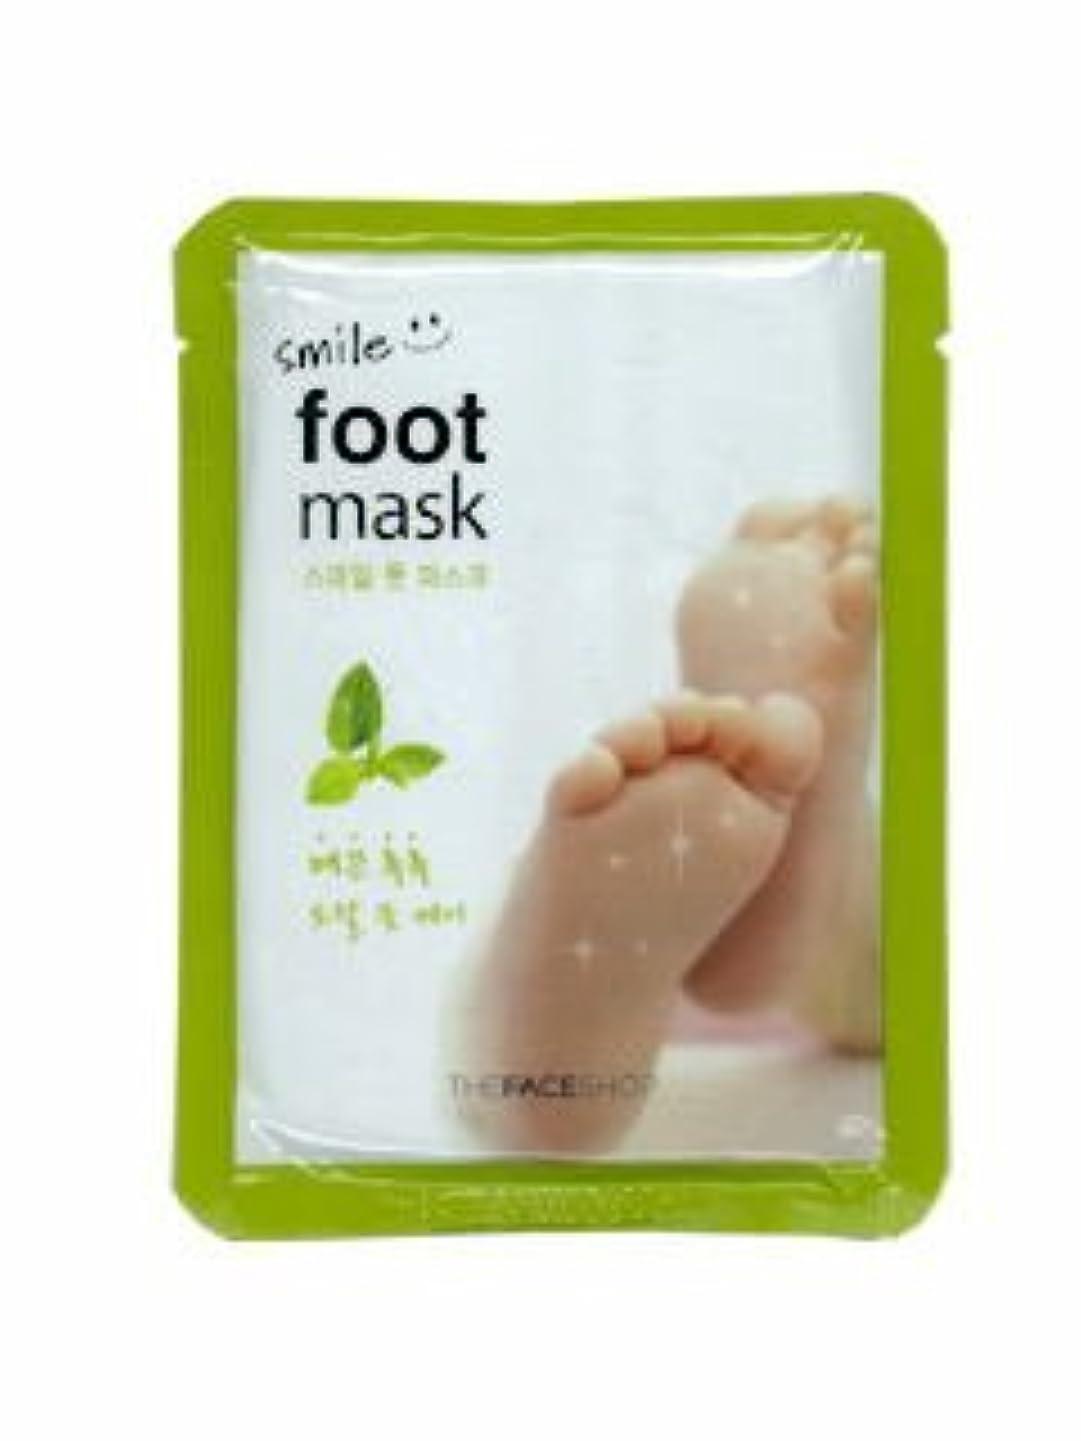 名誉香り媒染剤【THE FACE SHOP ( ザフェイスショップ )】 SMILE FOOT MASK スマイル フット マスク